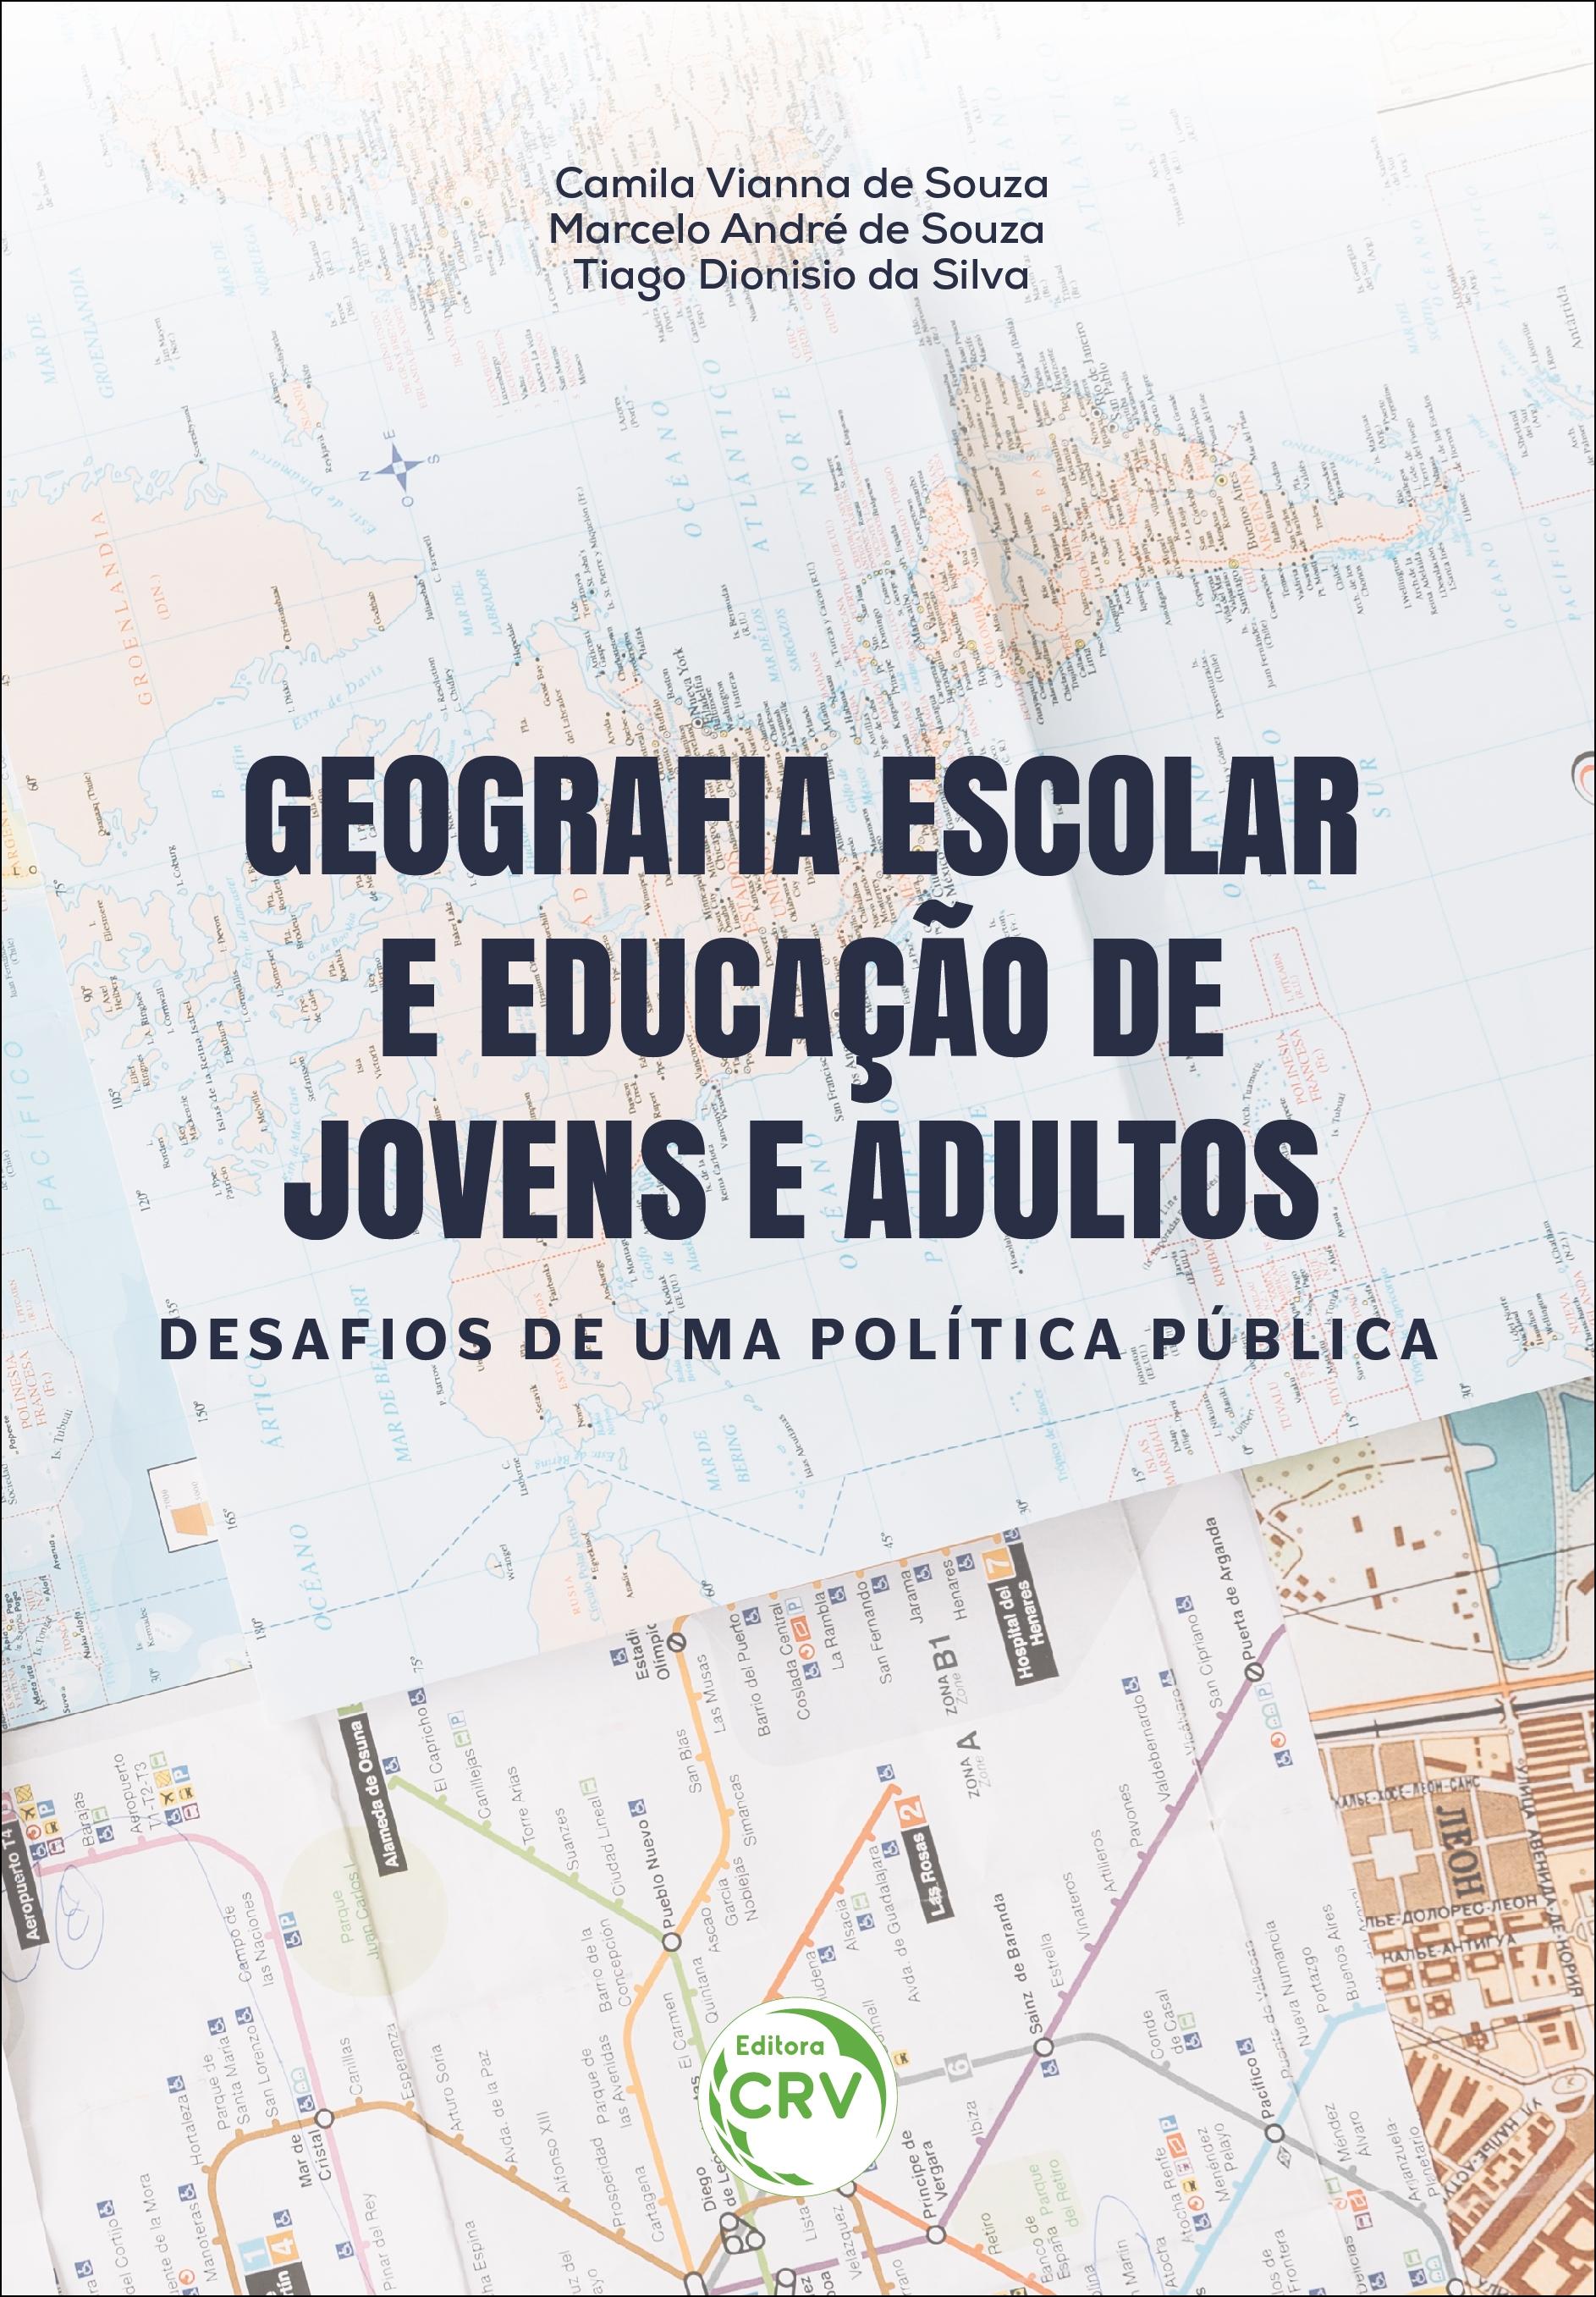 Capa do livro: GEOGRAFIA ESCOLAR E EDUCAÇÃO DE JOVENS E ADULTOS: <br> Desafios de uma política pública